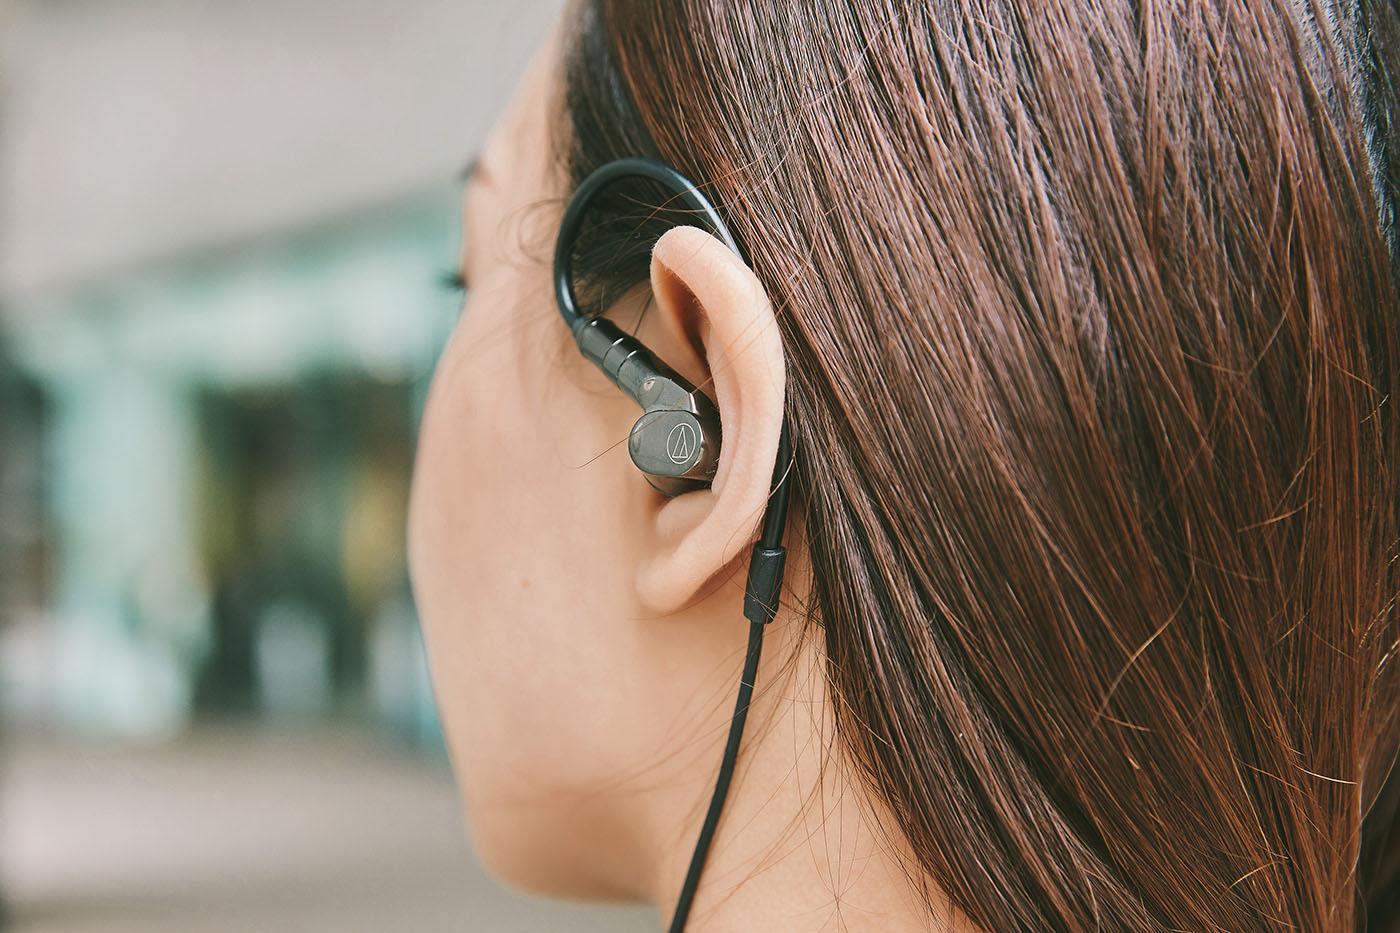 ATH-IEX1 實際佩戴的樣貌,可以看到耳掛的曲度非常的大,除了能對應絕大多數人的耳朵,也大幅降低了垂掛在耳朵上方所造成的負擔。接著看到耳機插入耳道的位置,不僅避開與耳骨接觸的區域,而且耳機外殼的形狀也能與耳窩充分貼合,達到良好的密合度,被動式阻絕環境噪音的干擾。